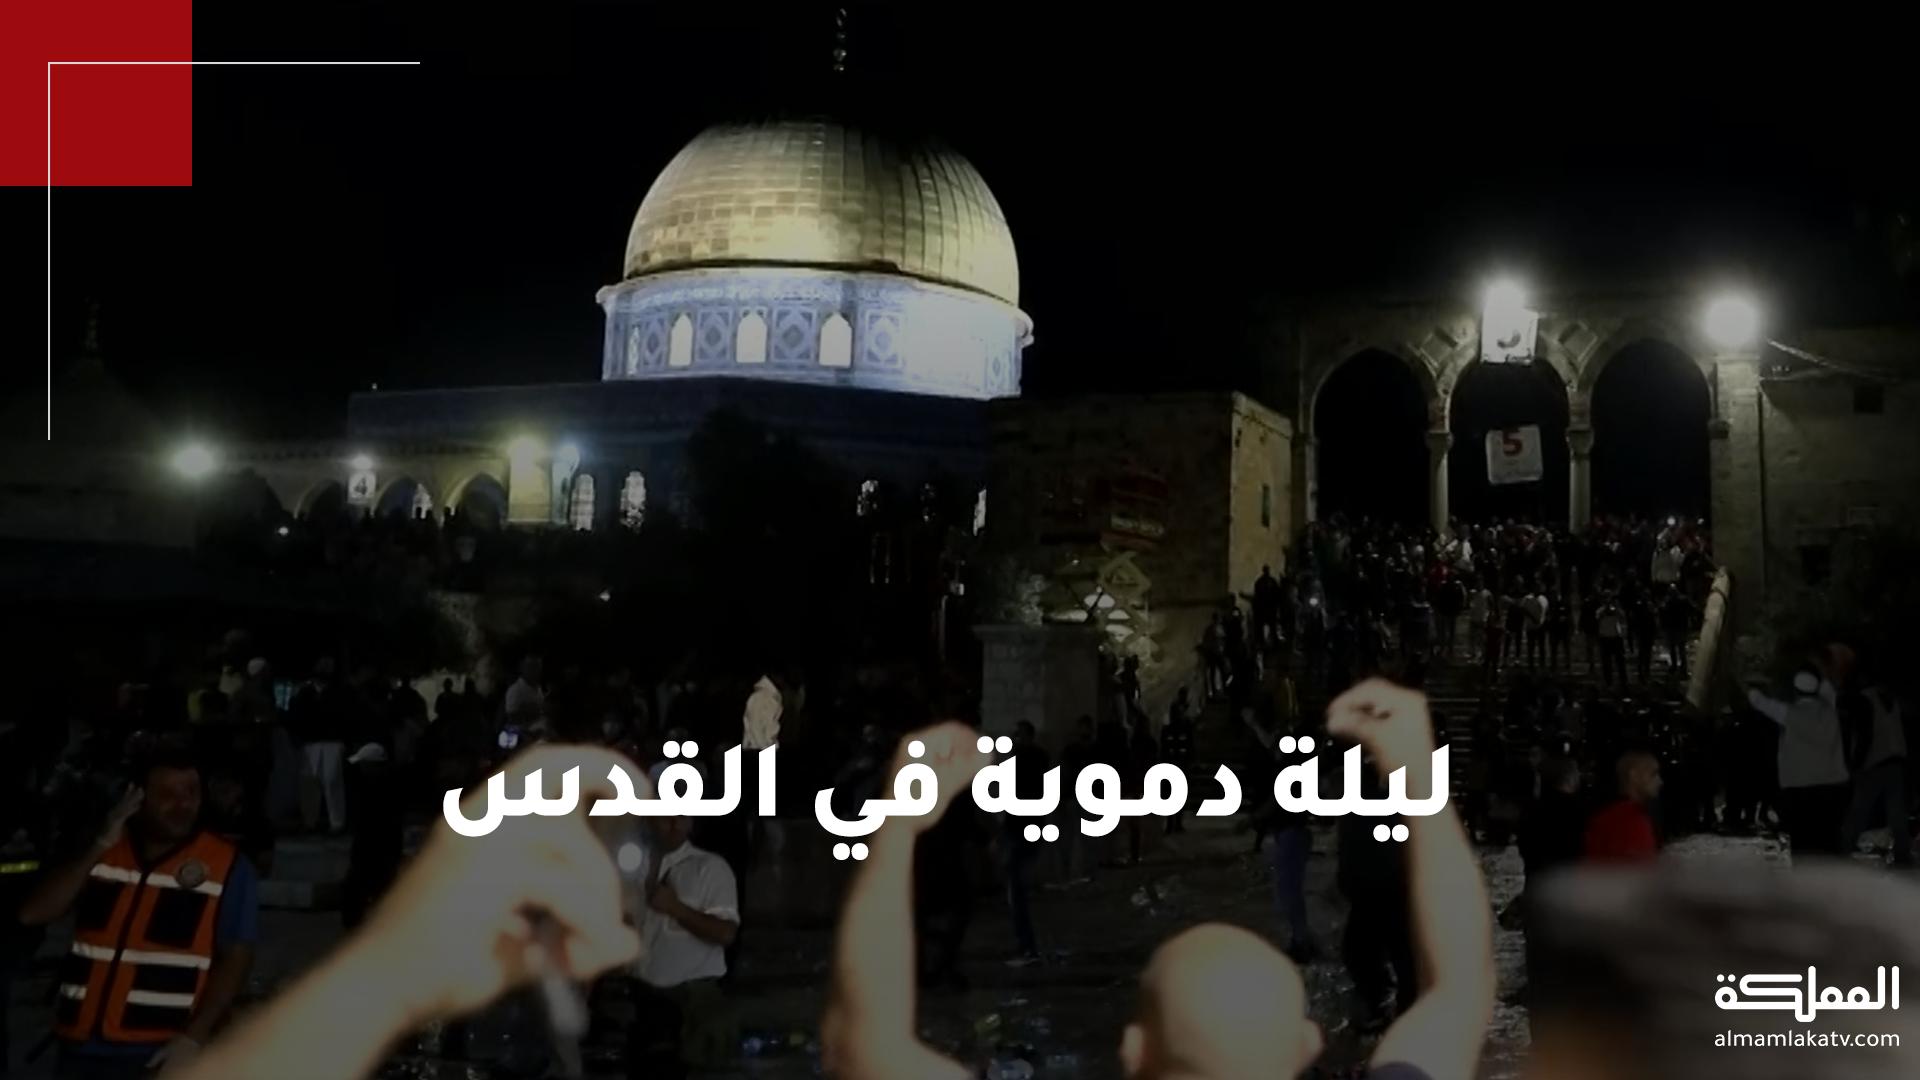 في آخر جمعة من شهر رمضان.. اعتداء همجي على المقدسيين وإصابات بالعشرات في صفوف الفلسطينيين